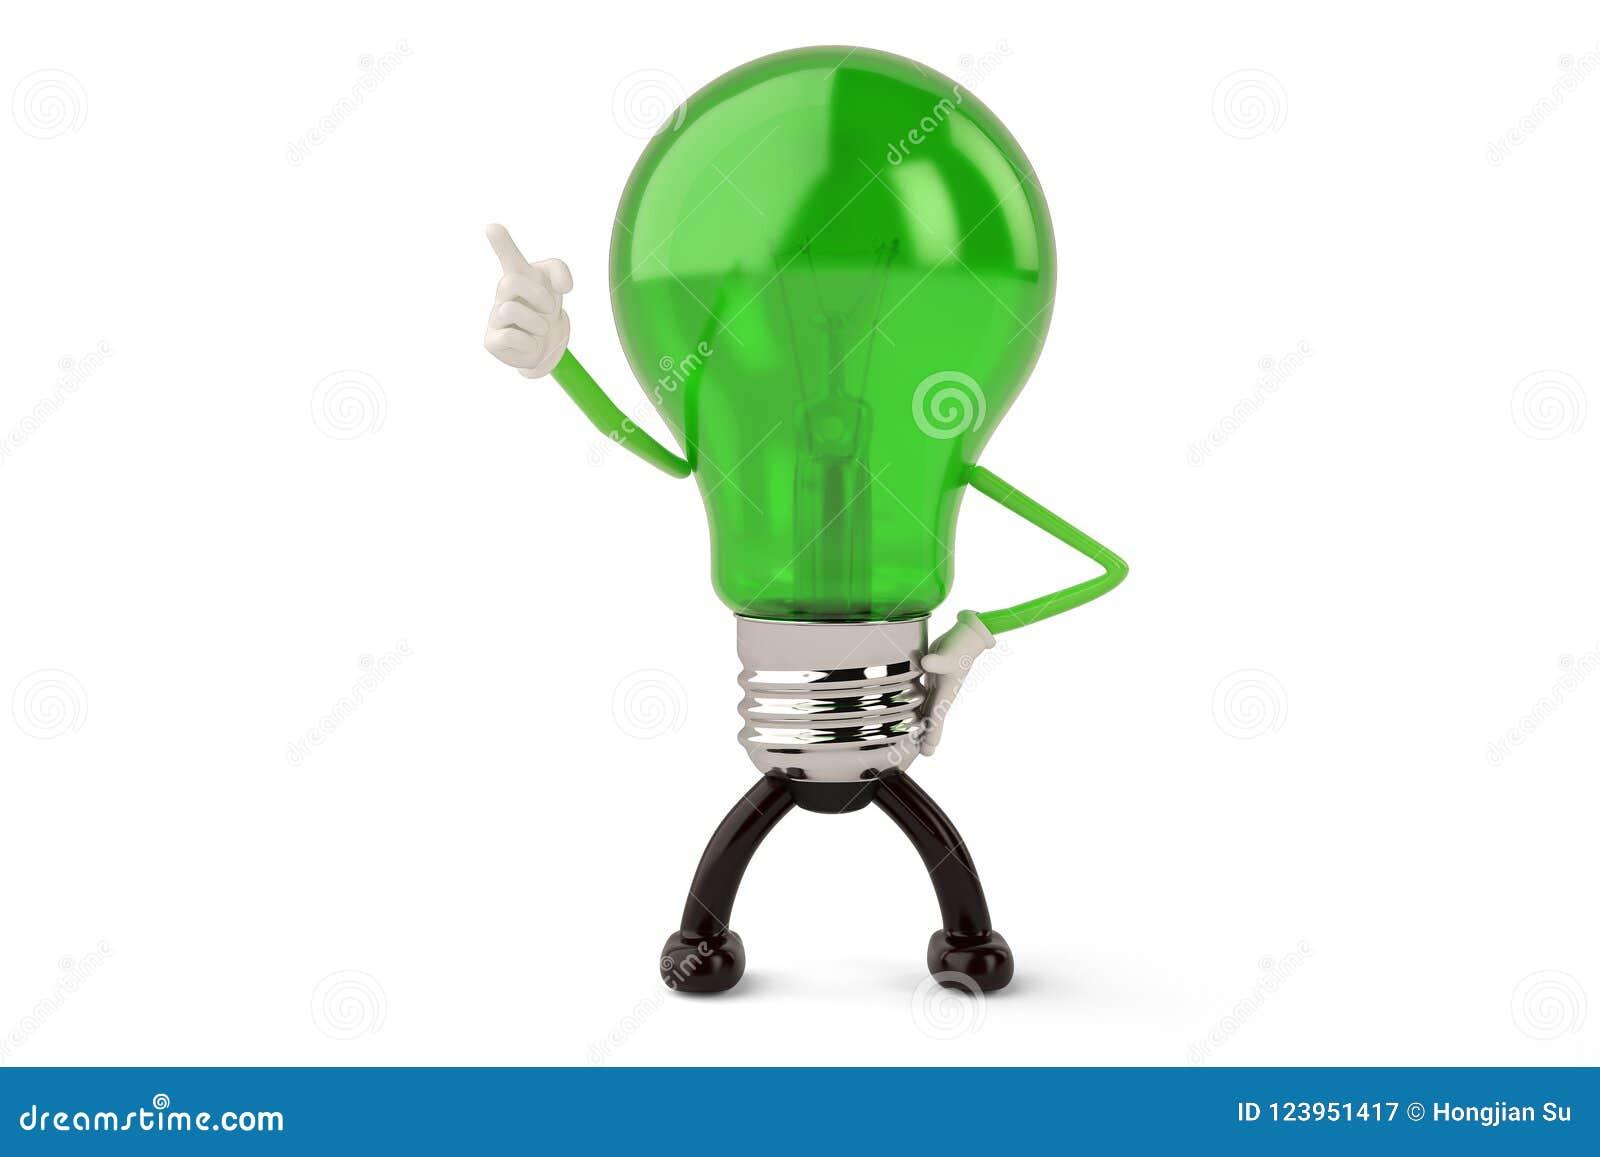 Light bulb character on white background 3D illustration